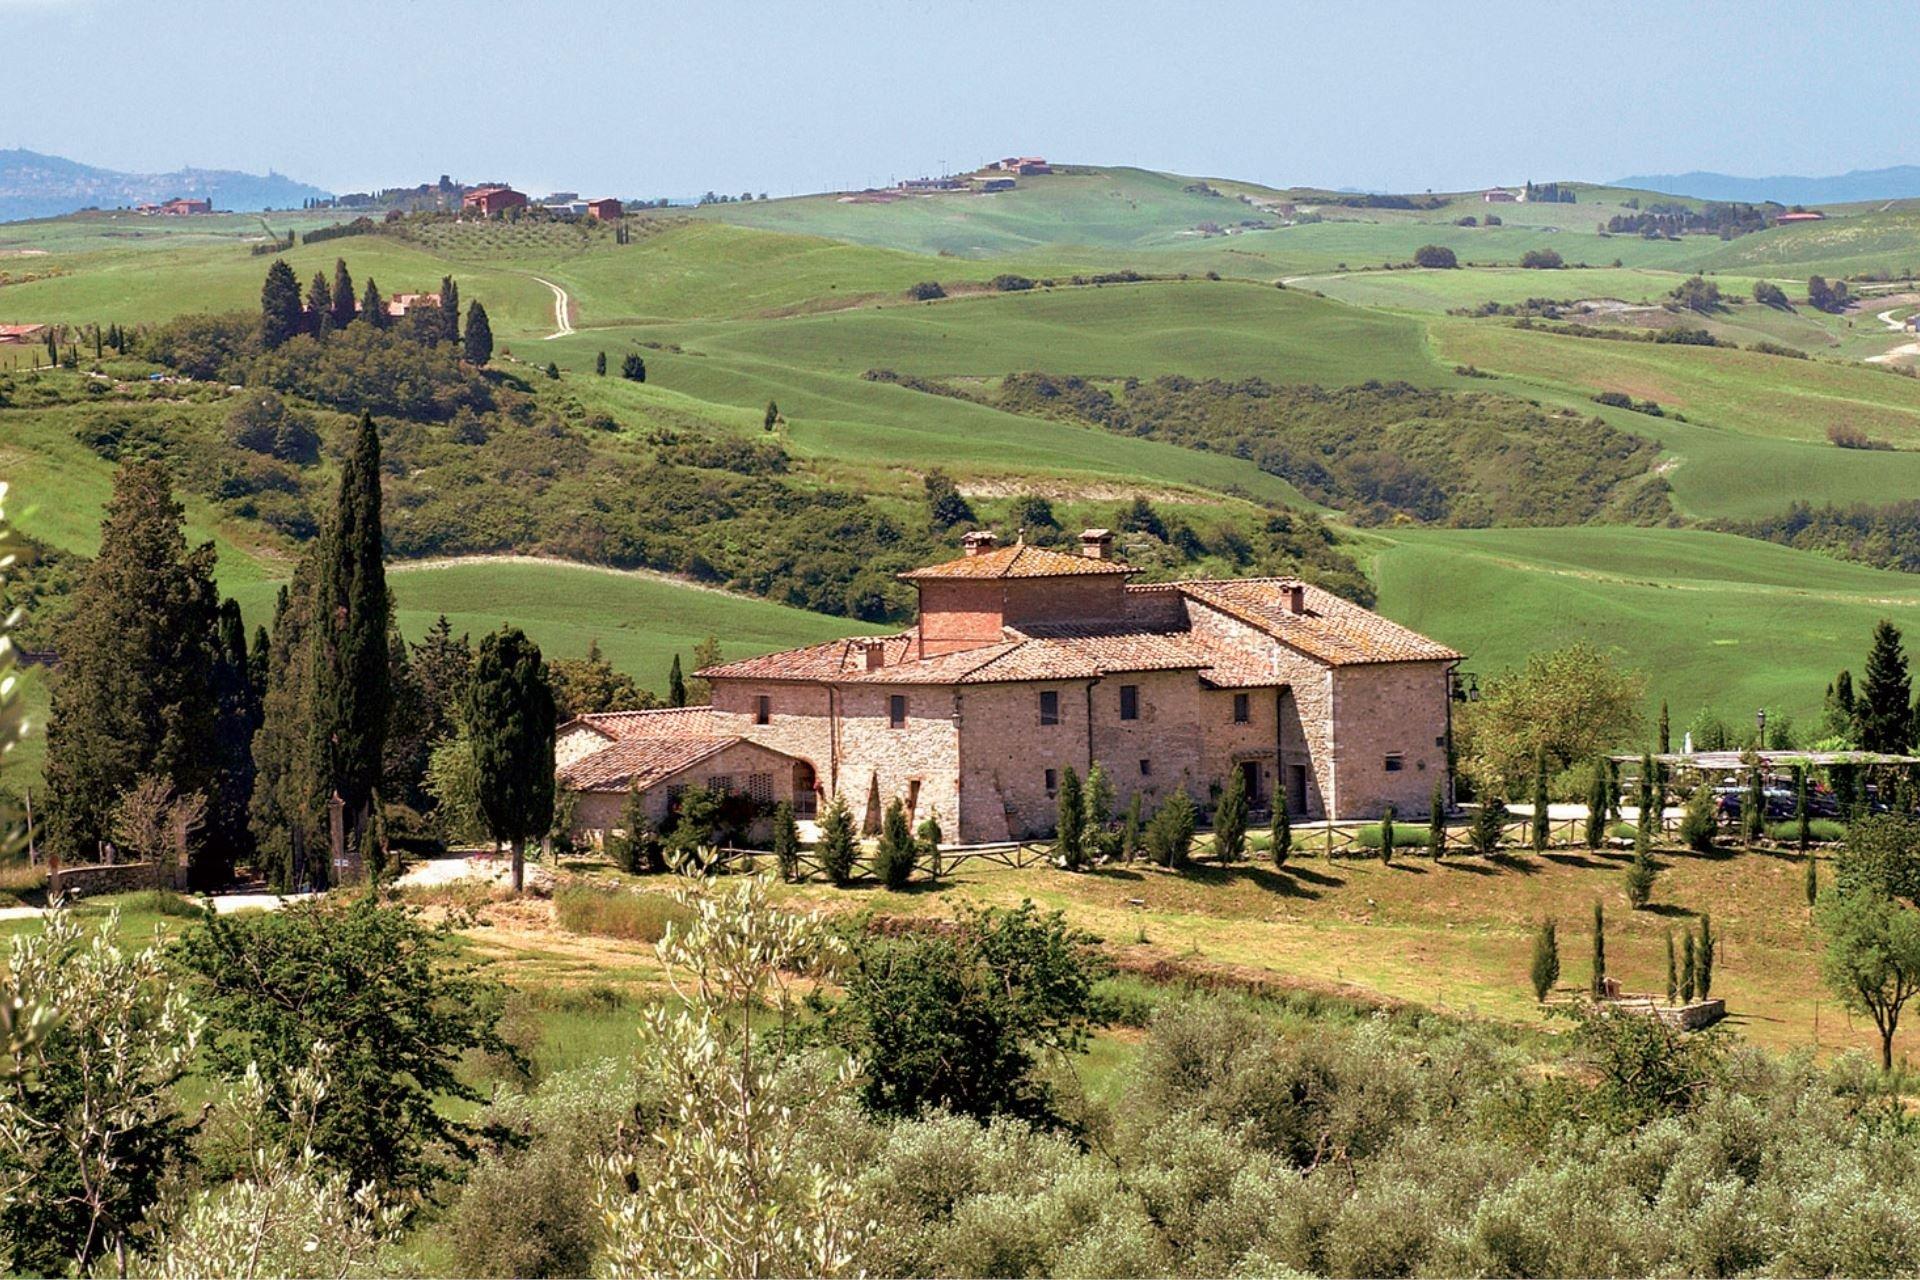 Agriturismo Toscane Aia Vecchia di Montalceto Siena